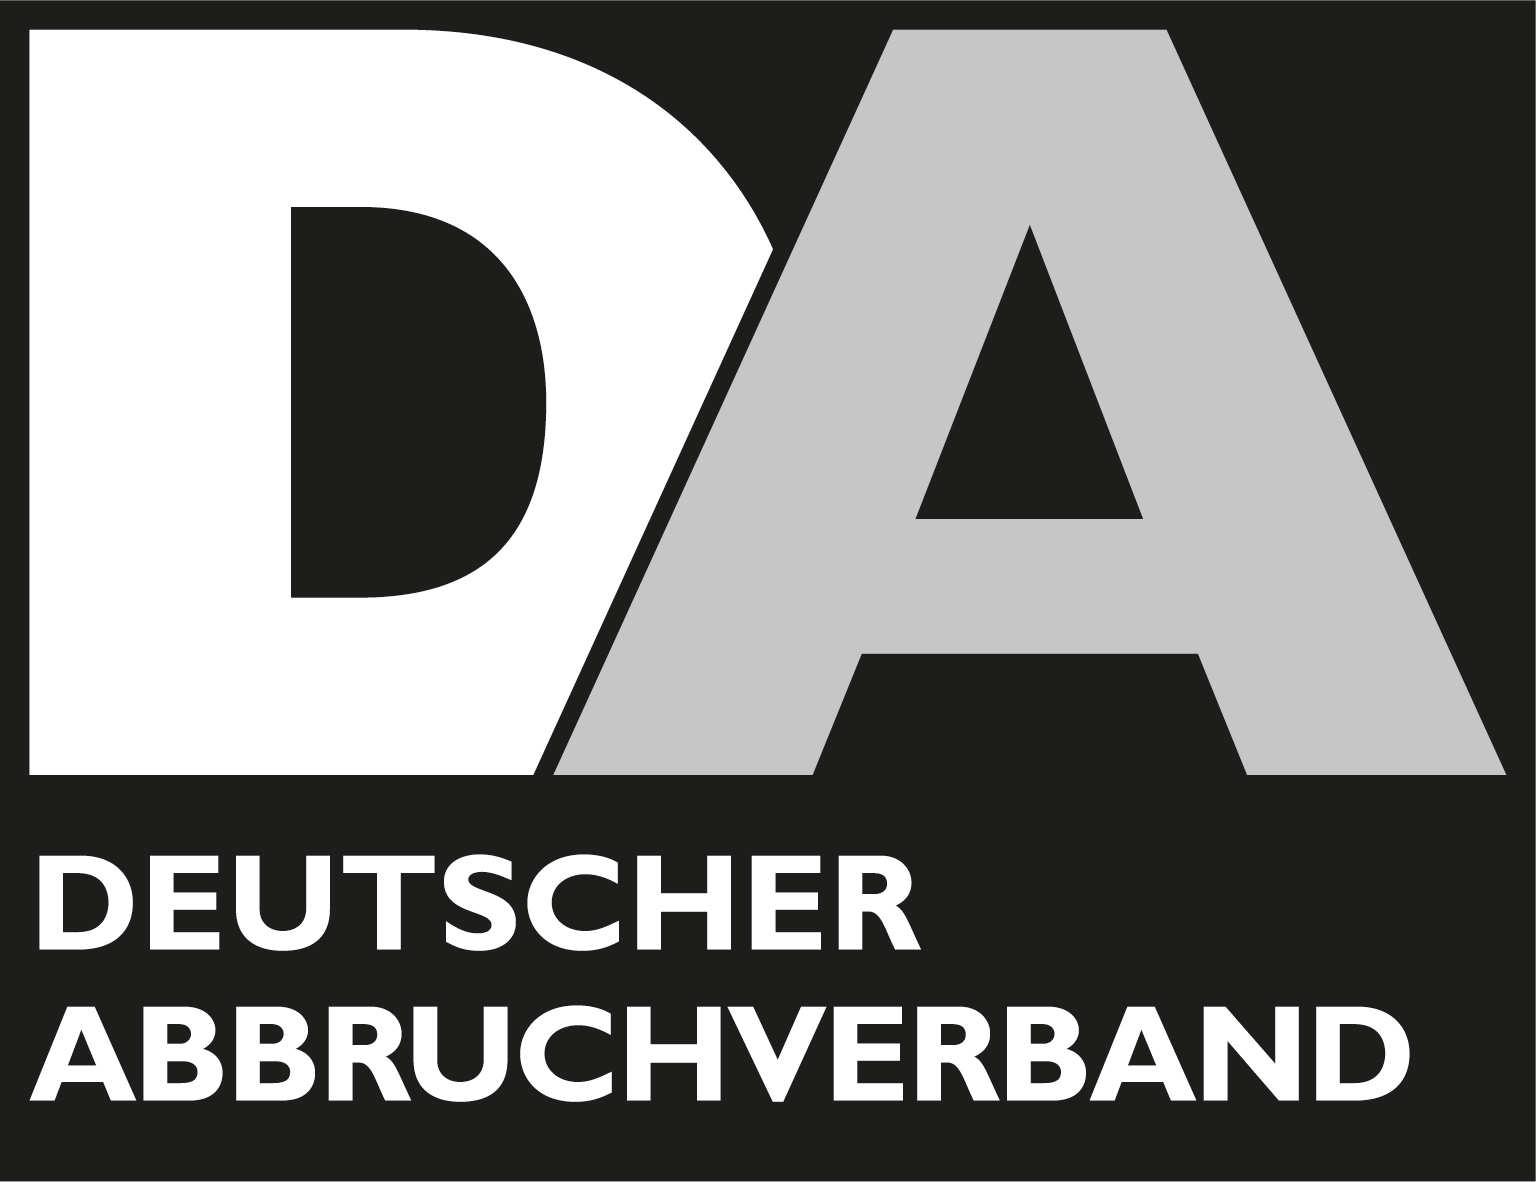 Erdarbeiten - logo deutscher abbruchverband